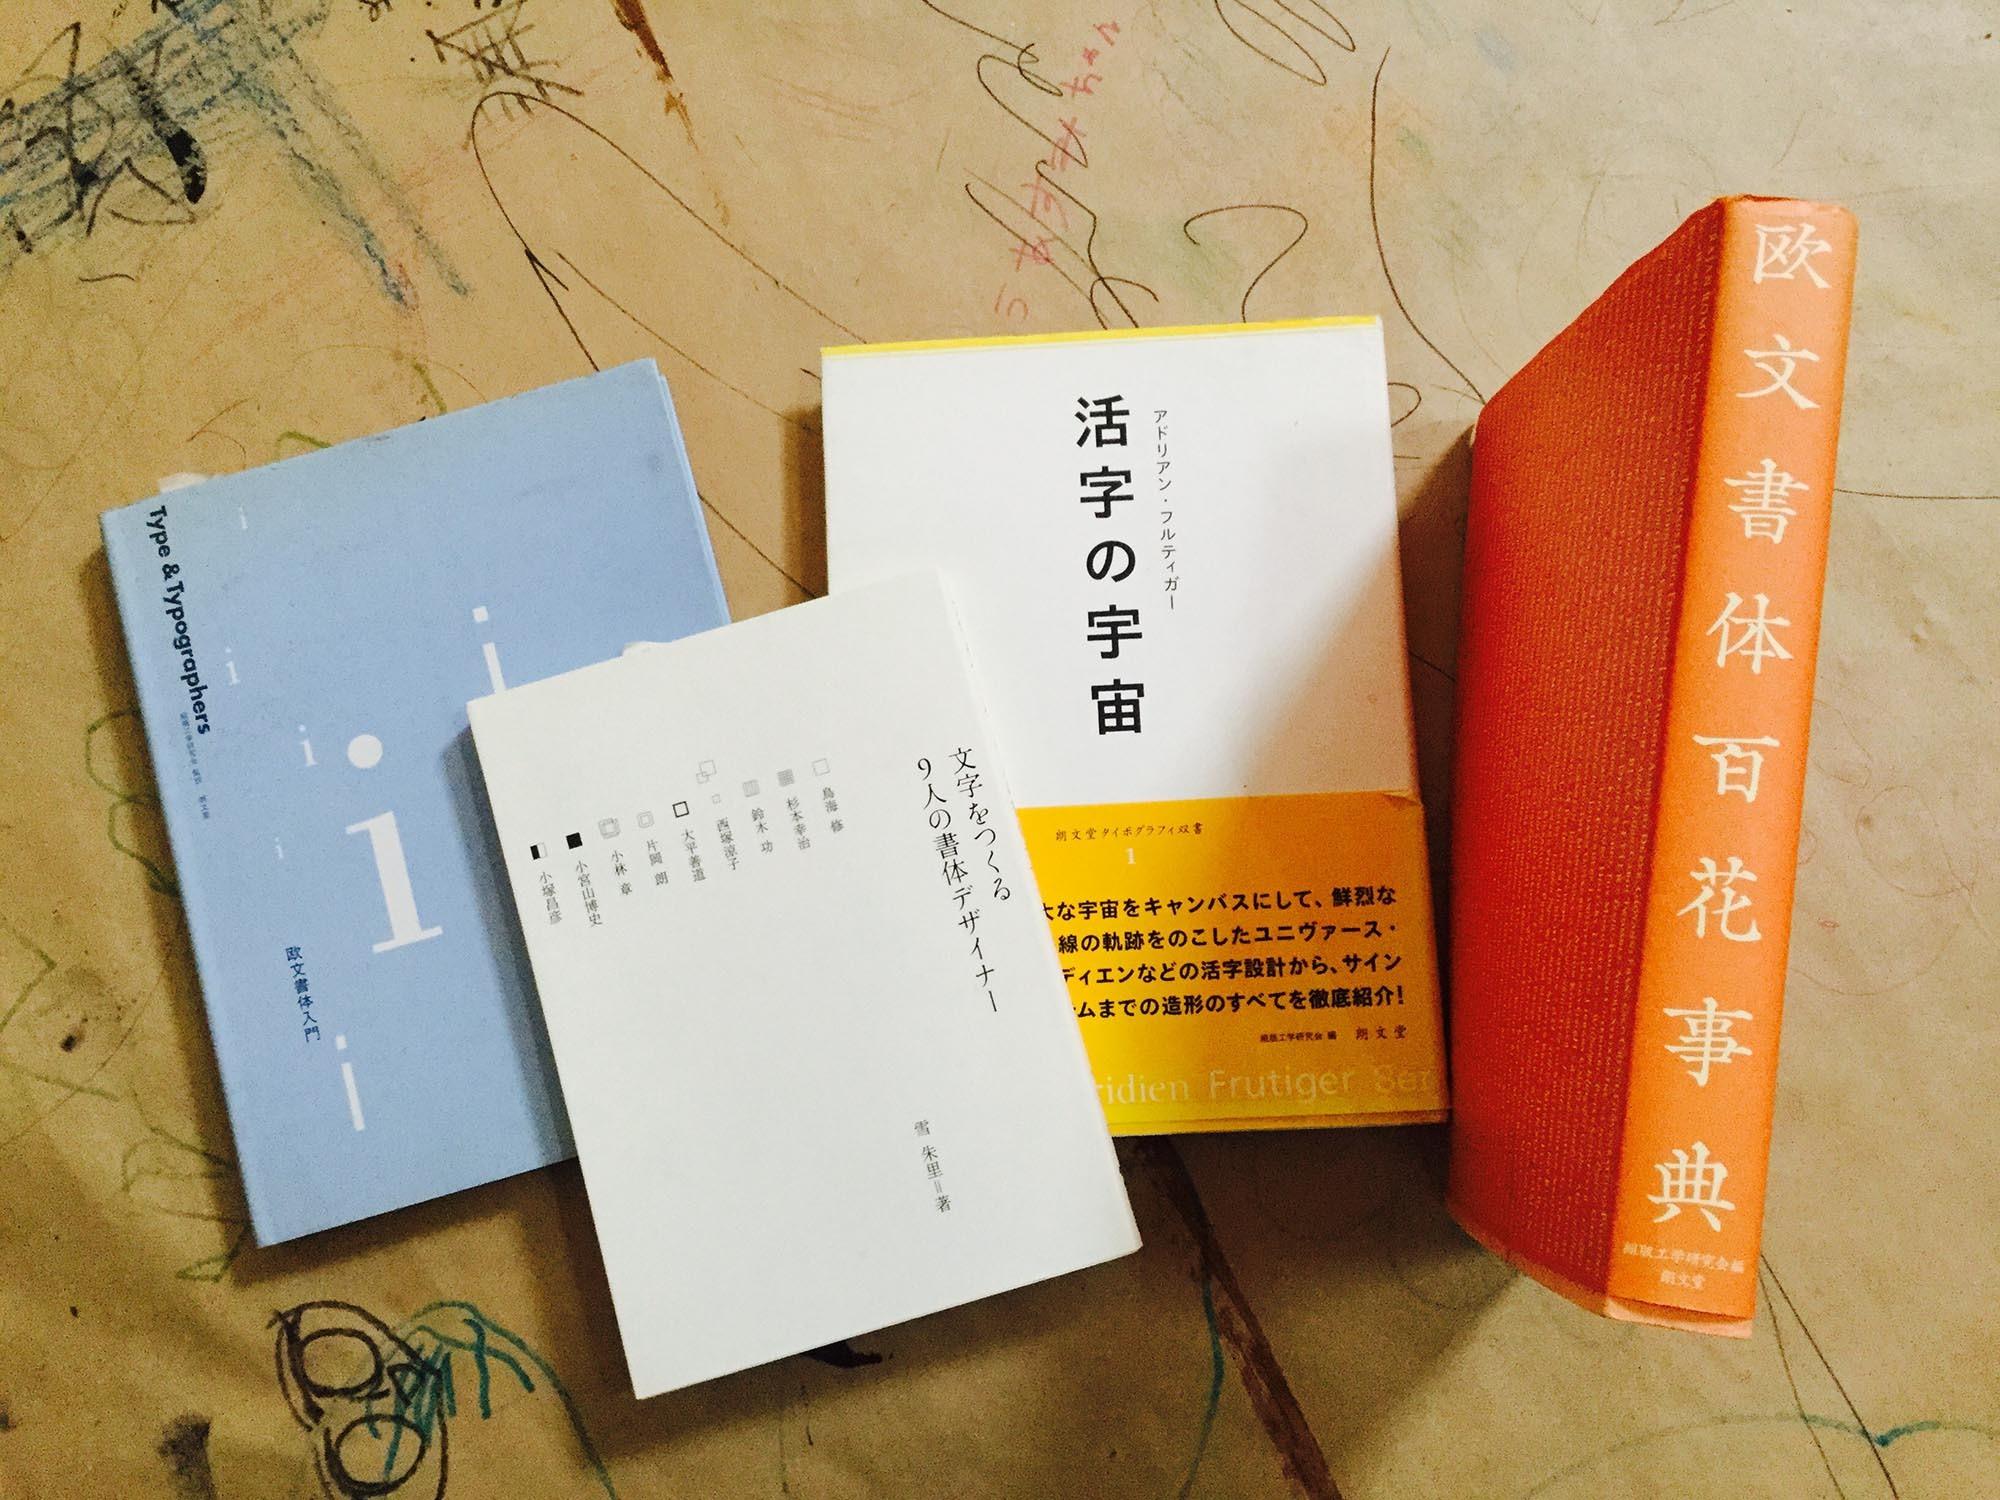 20170607_book_3.jpg